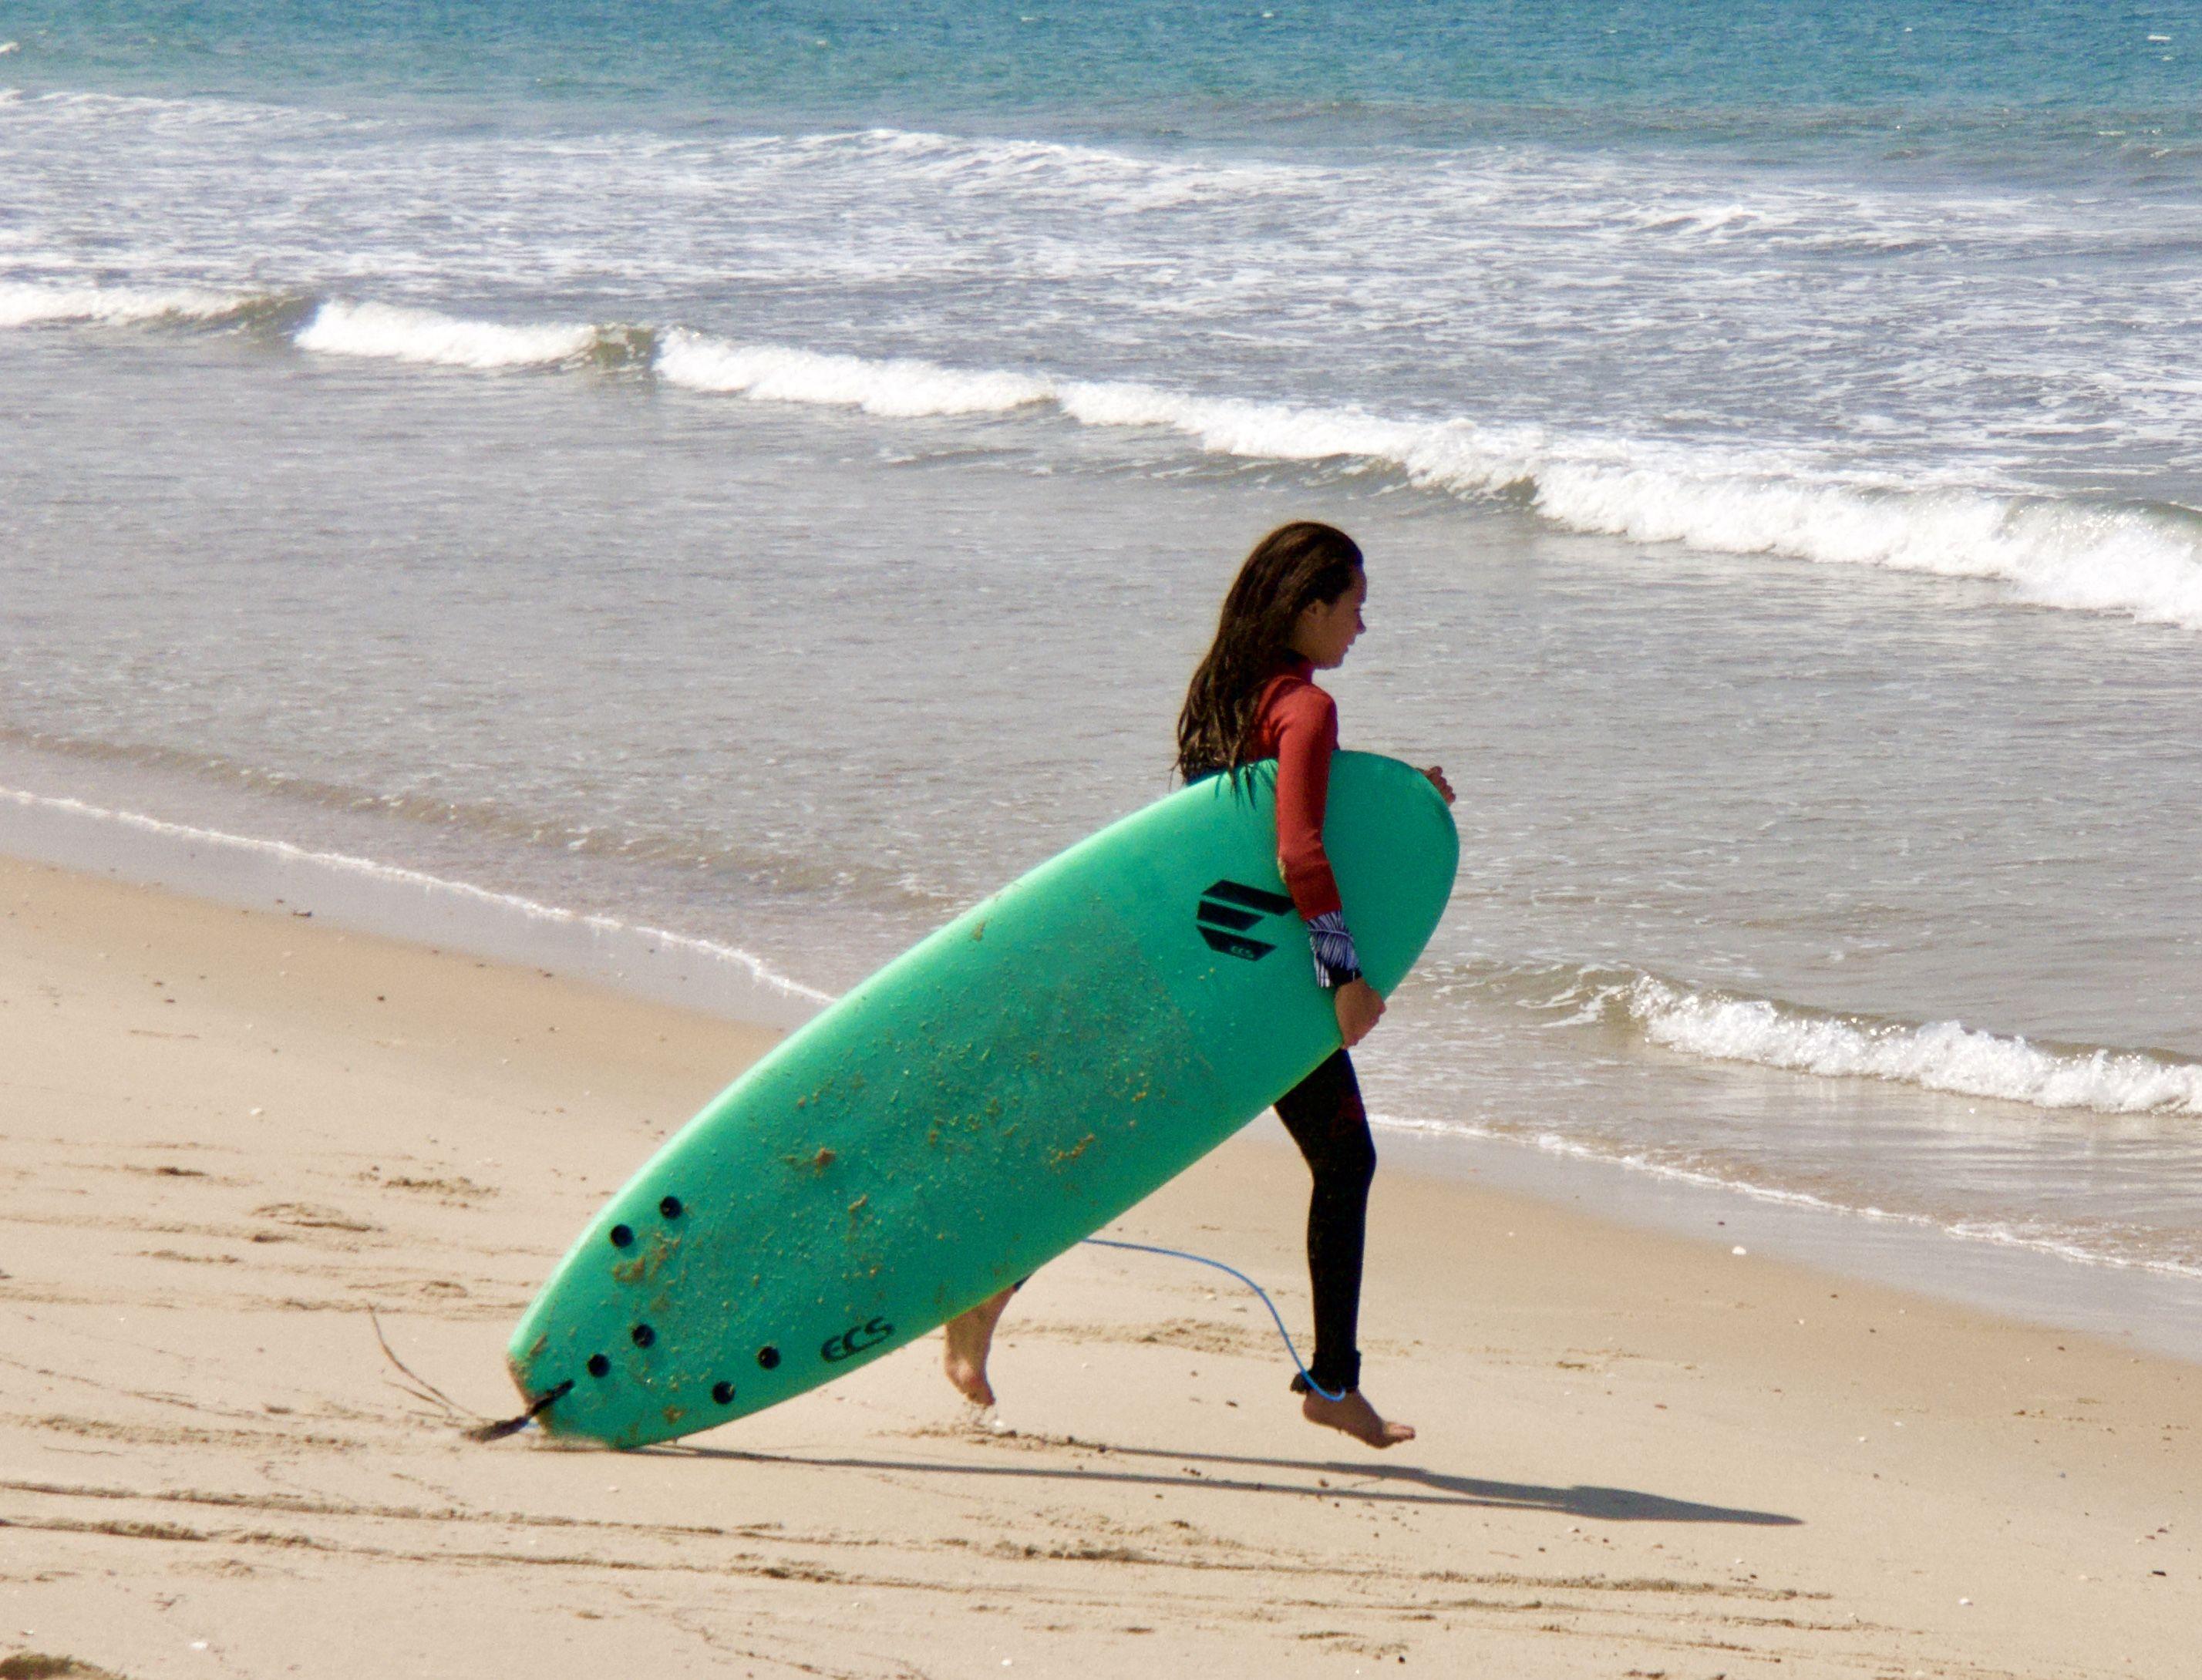 Surf Girl In 2020 Surfing Surf Girls Sand Surfing